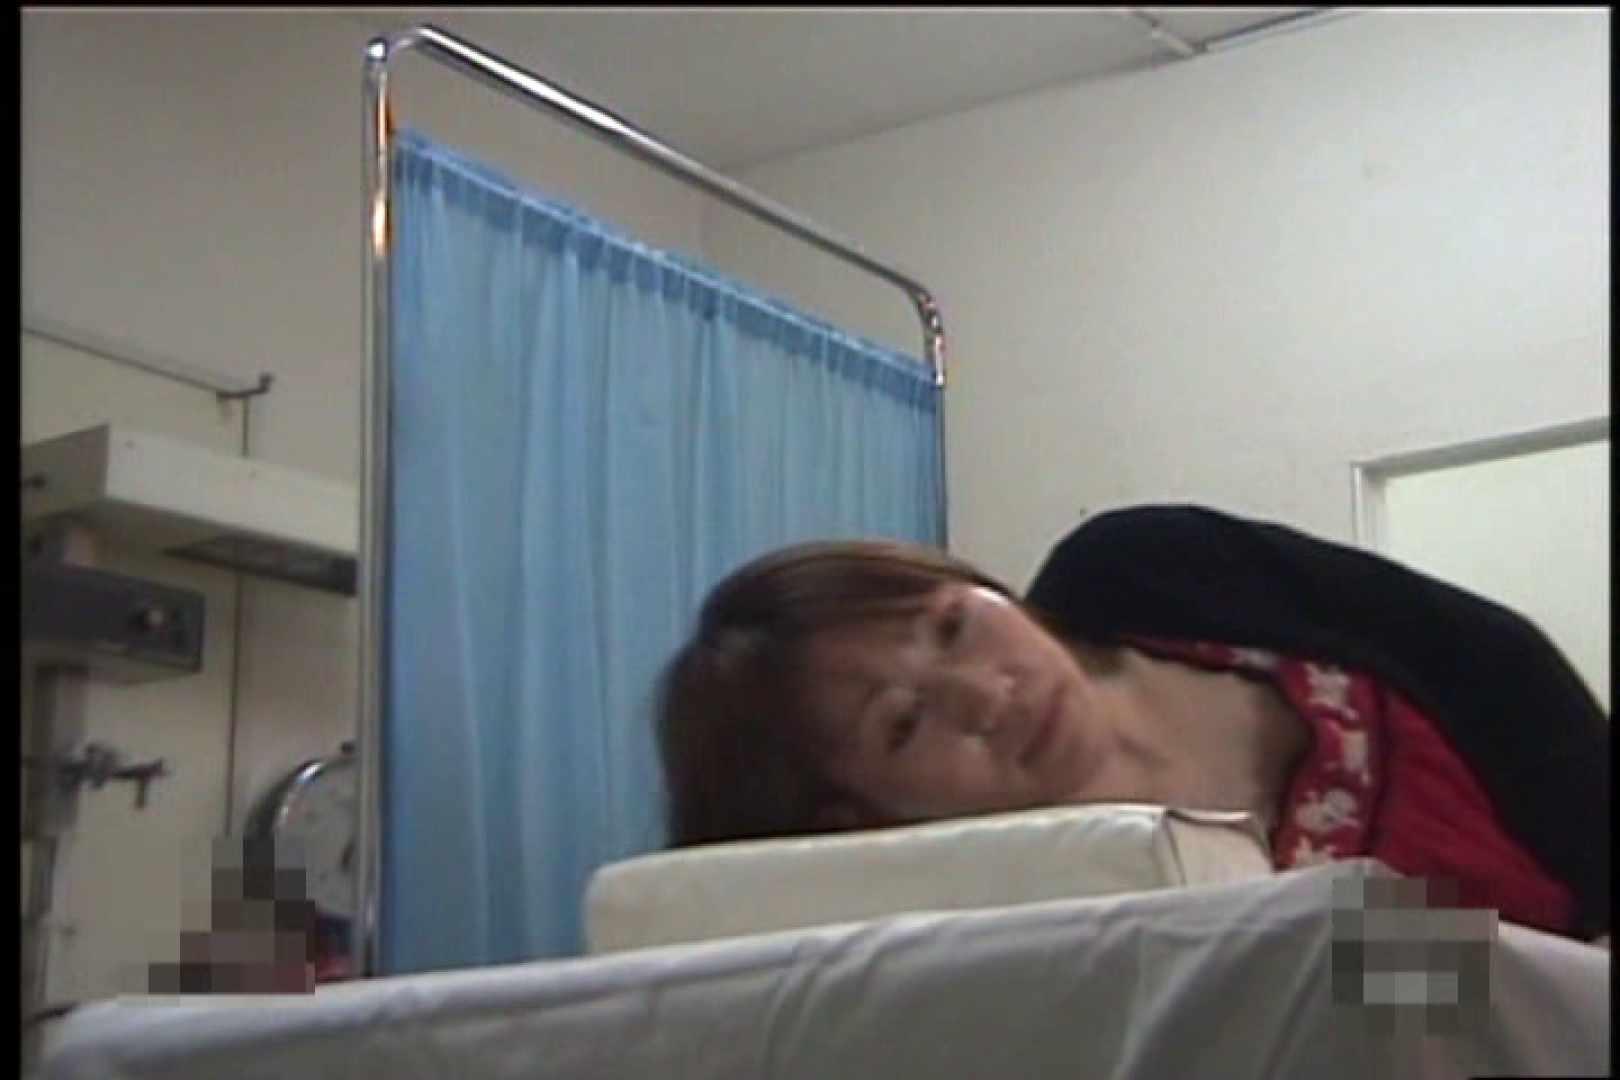 逆噴射病院 肛門科Vol.5 肛門から・・ ワレメ無修正動画無料 21枚